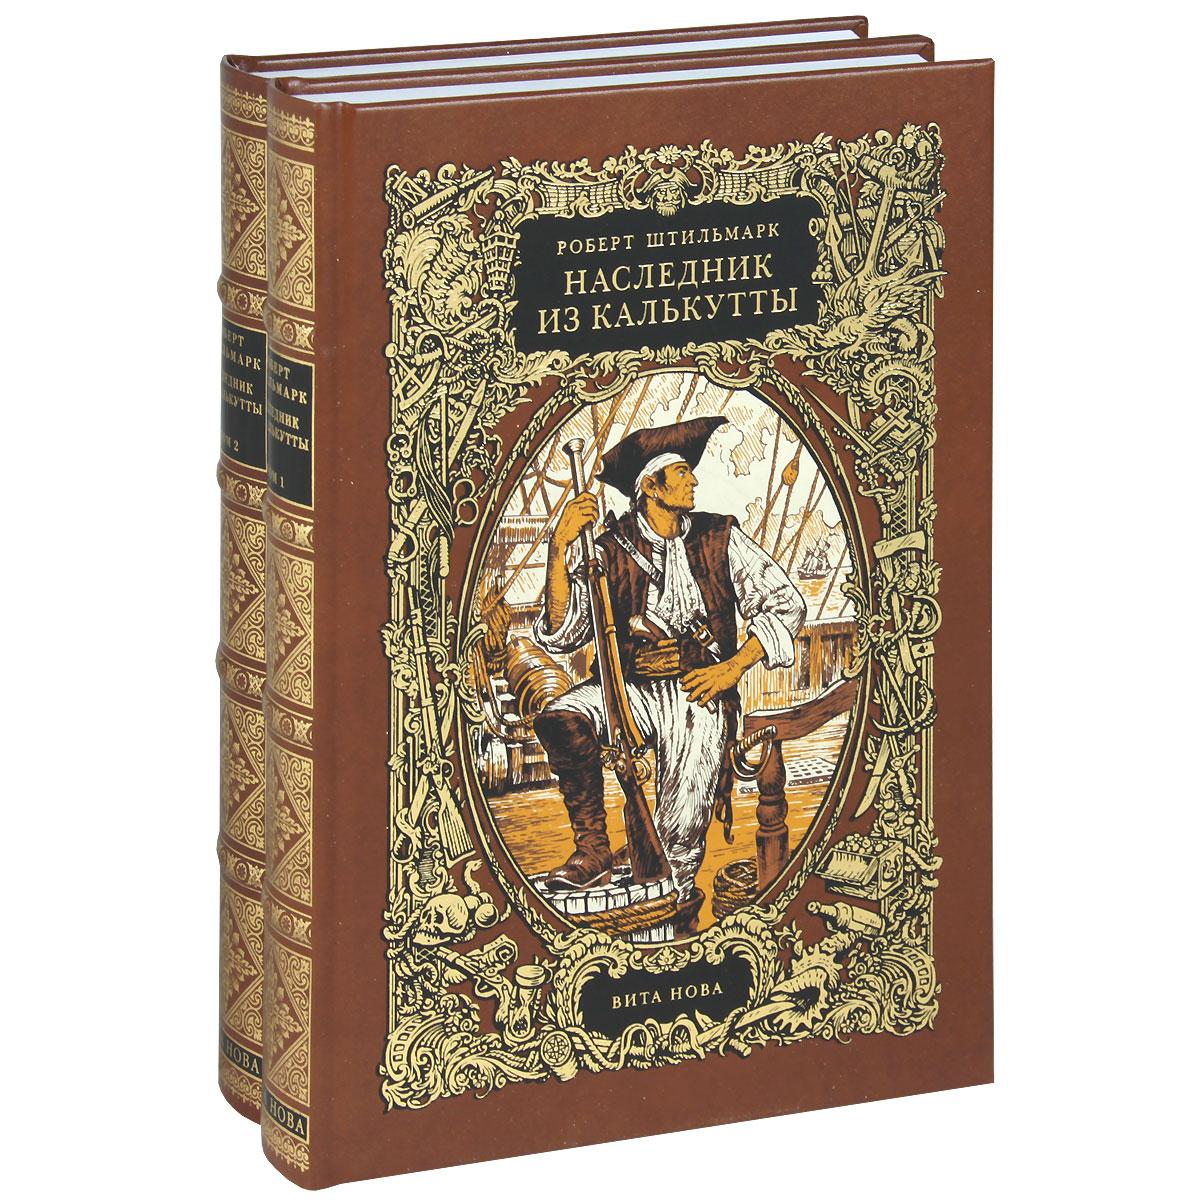 Роберт Штильмарк Наследник из Калькутты. В 2 томах (комплект из 2 книг)